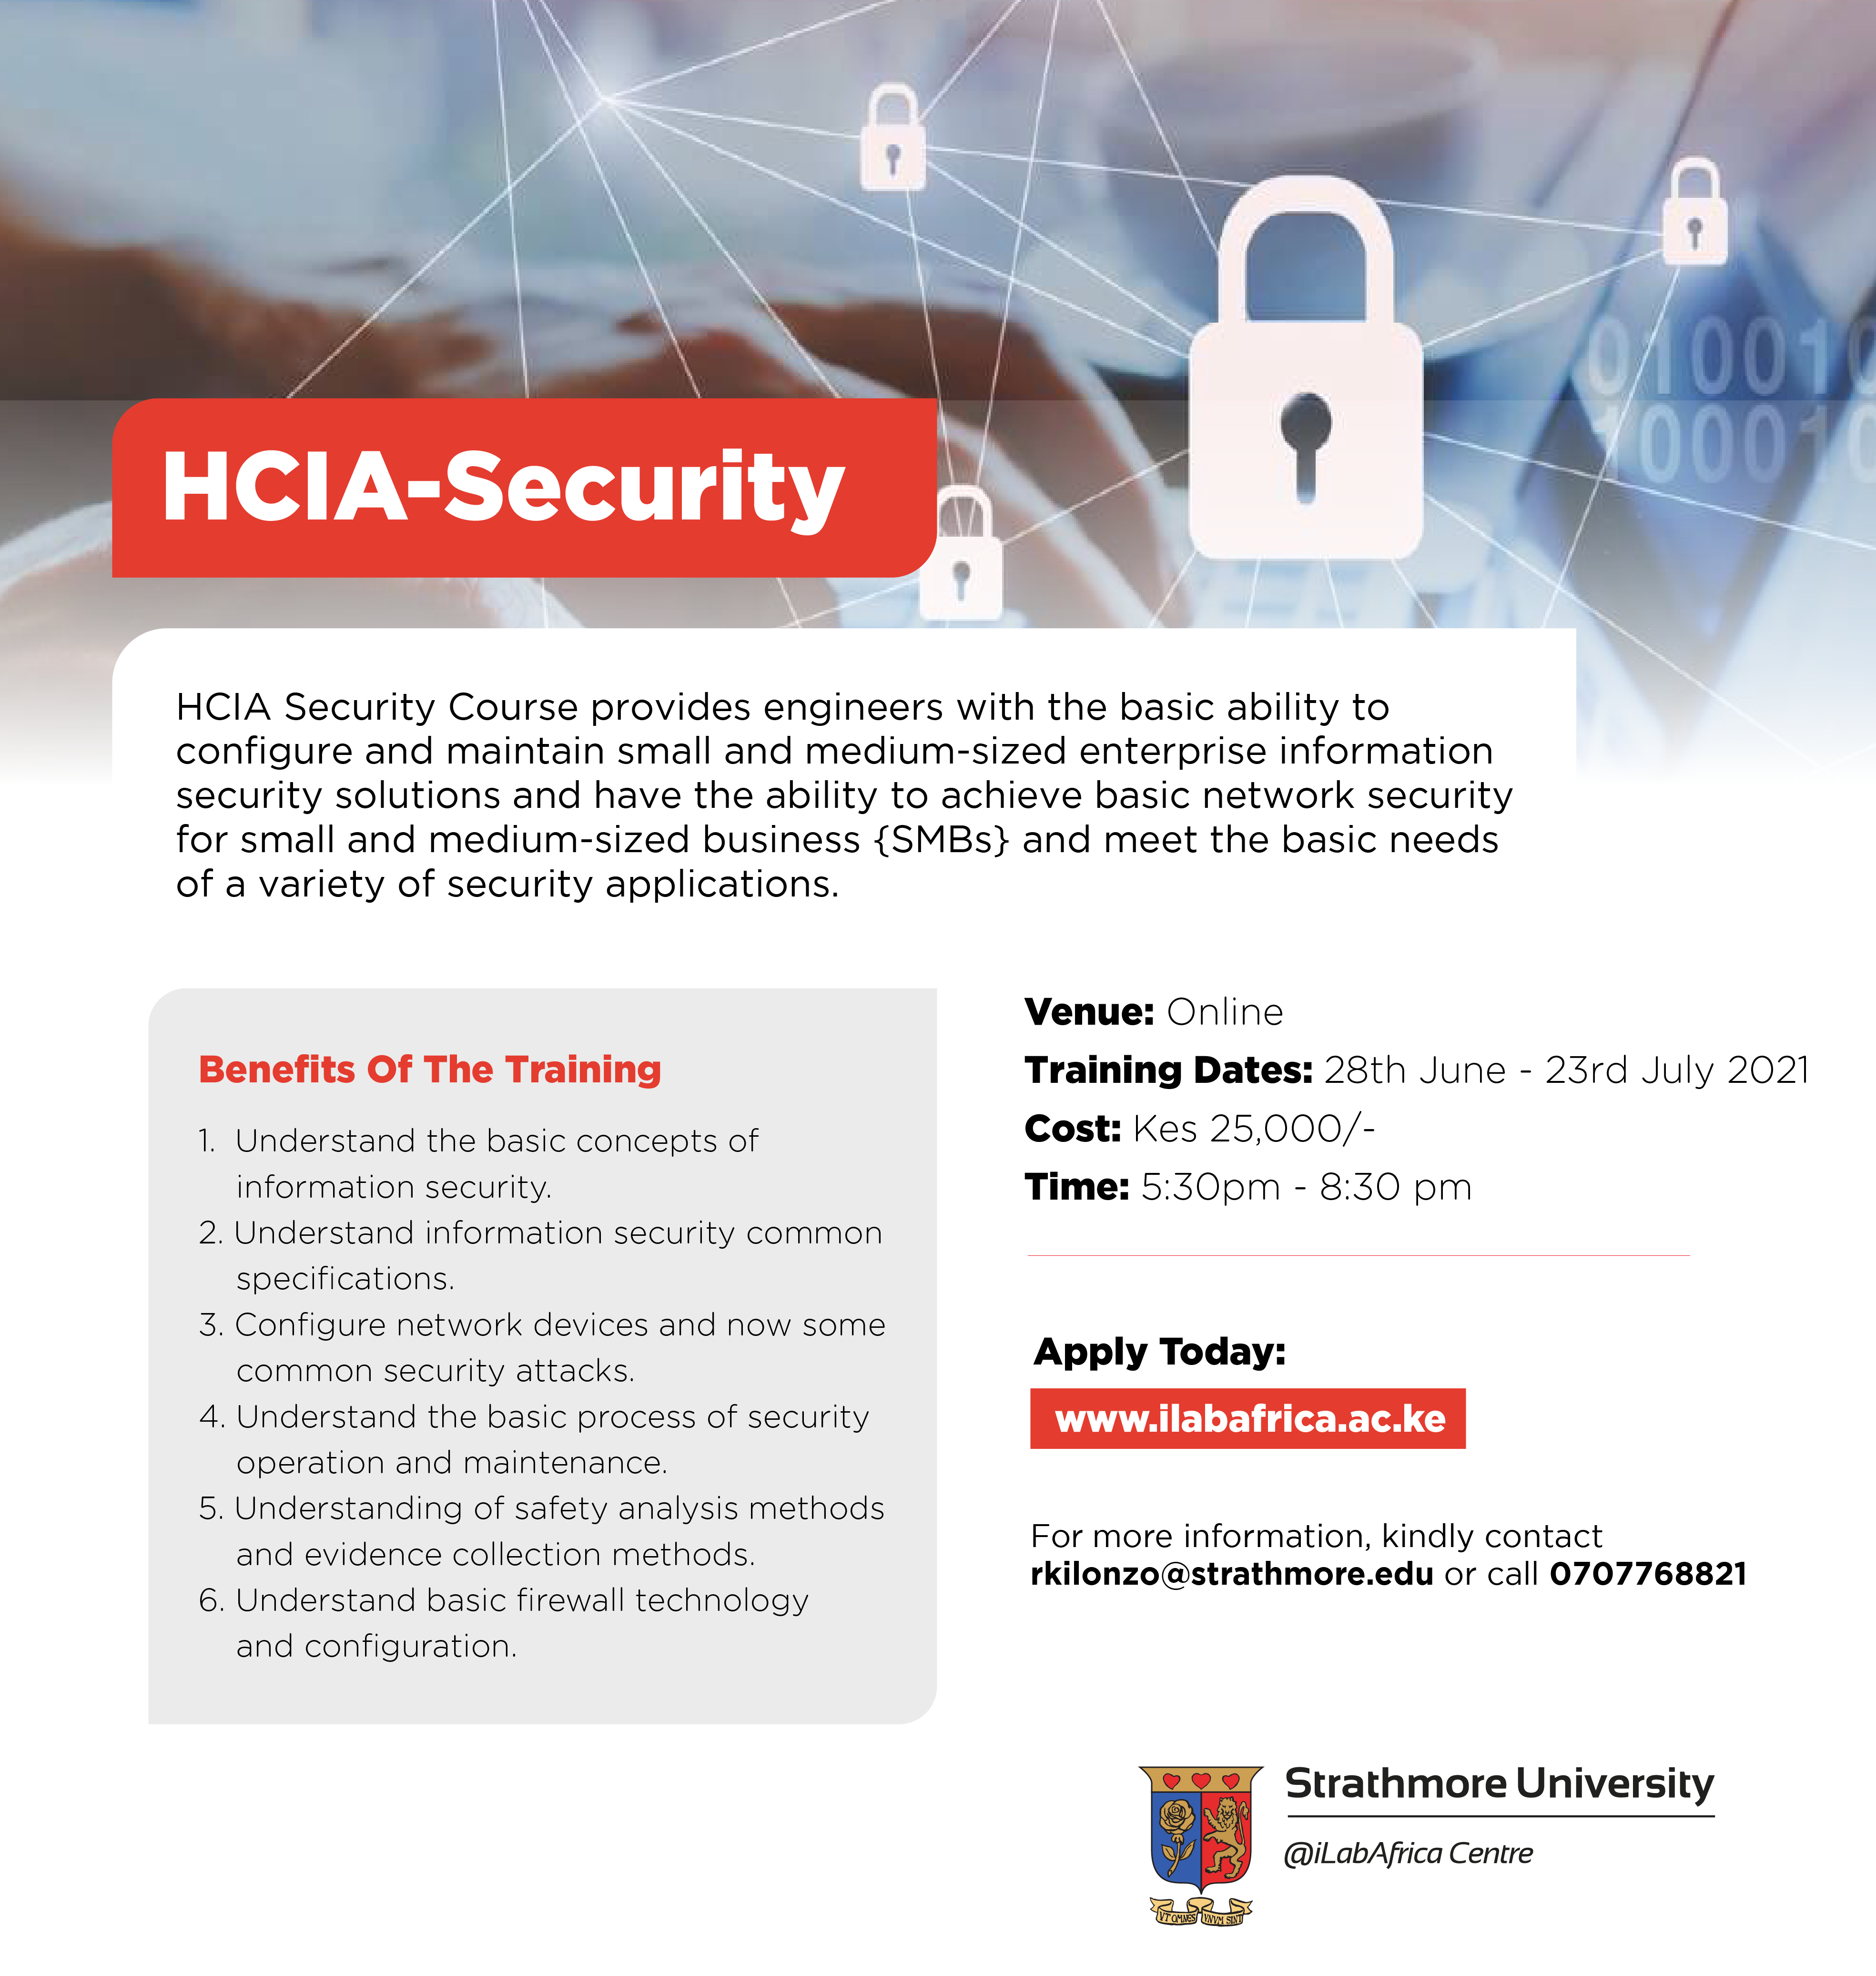 HCIA-SECURITY-01 (1) (1)